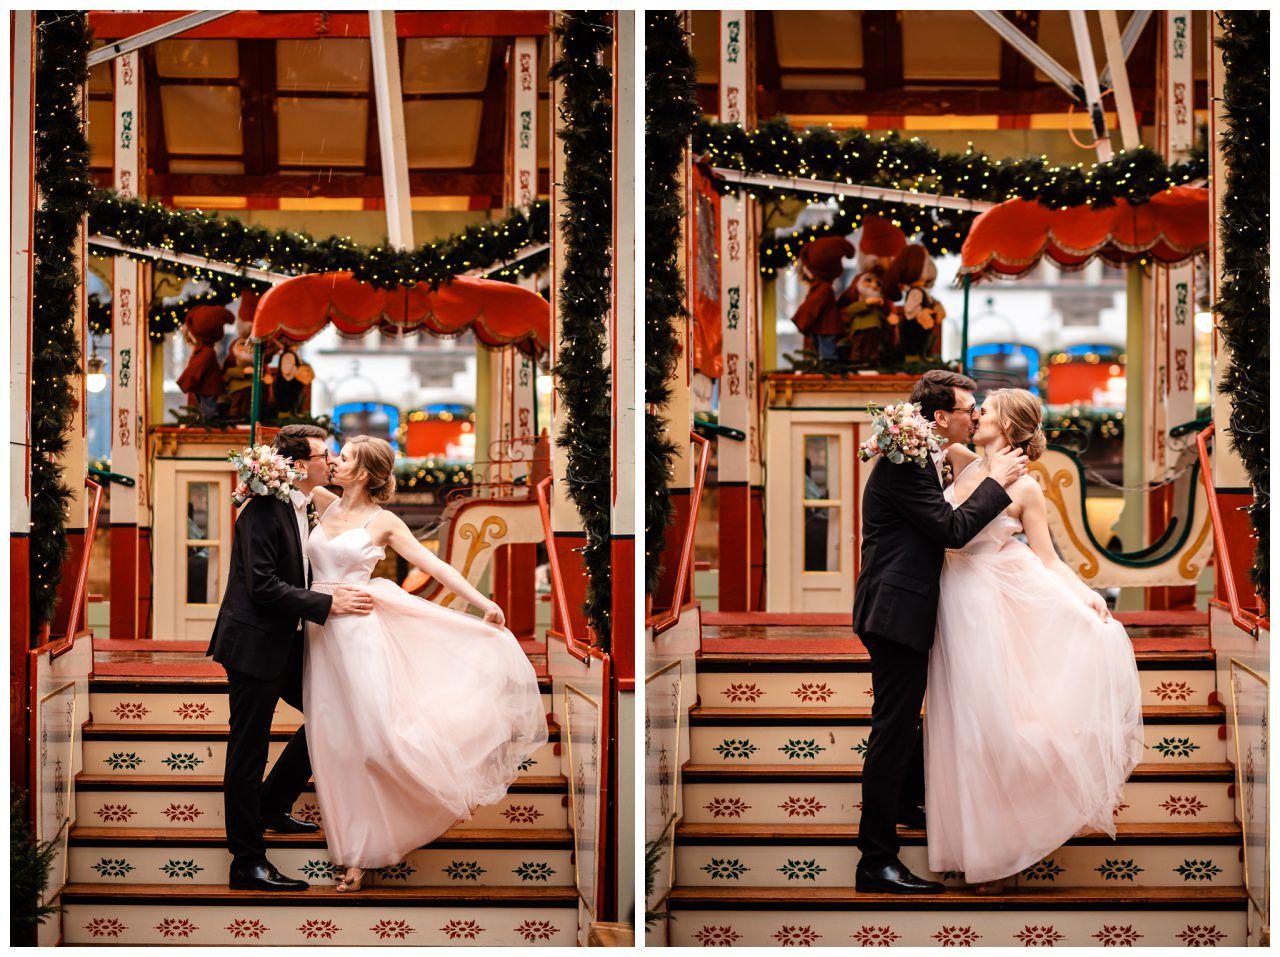 hochzeit standesamt koeln rathaus weihnachten fotograf 21 - Hochzeit zu Weihnachten im Standesamt Köln